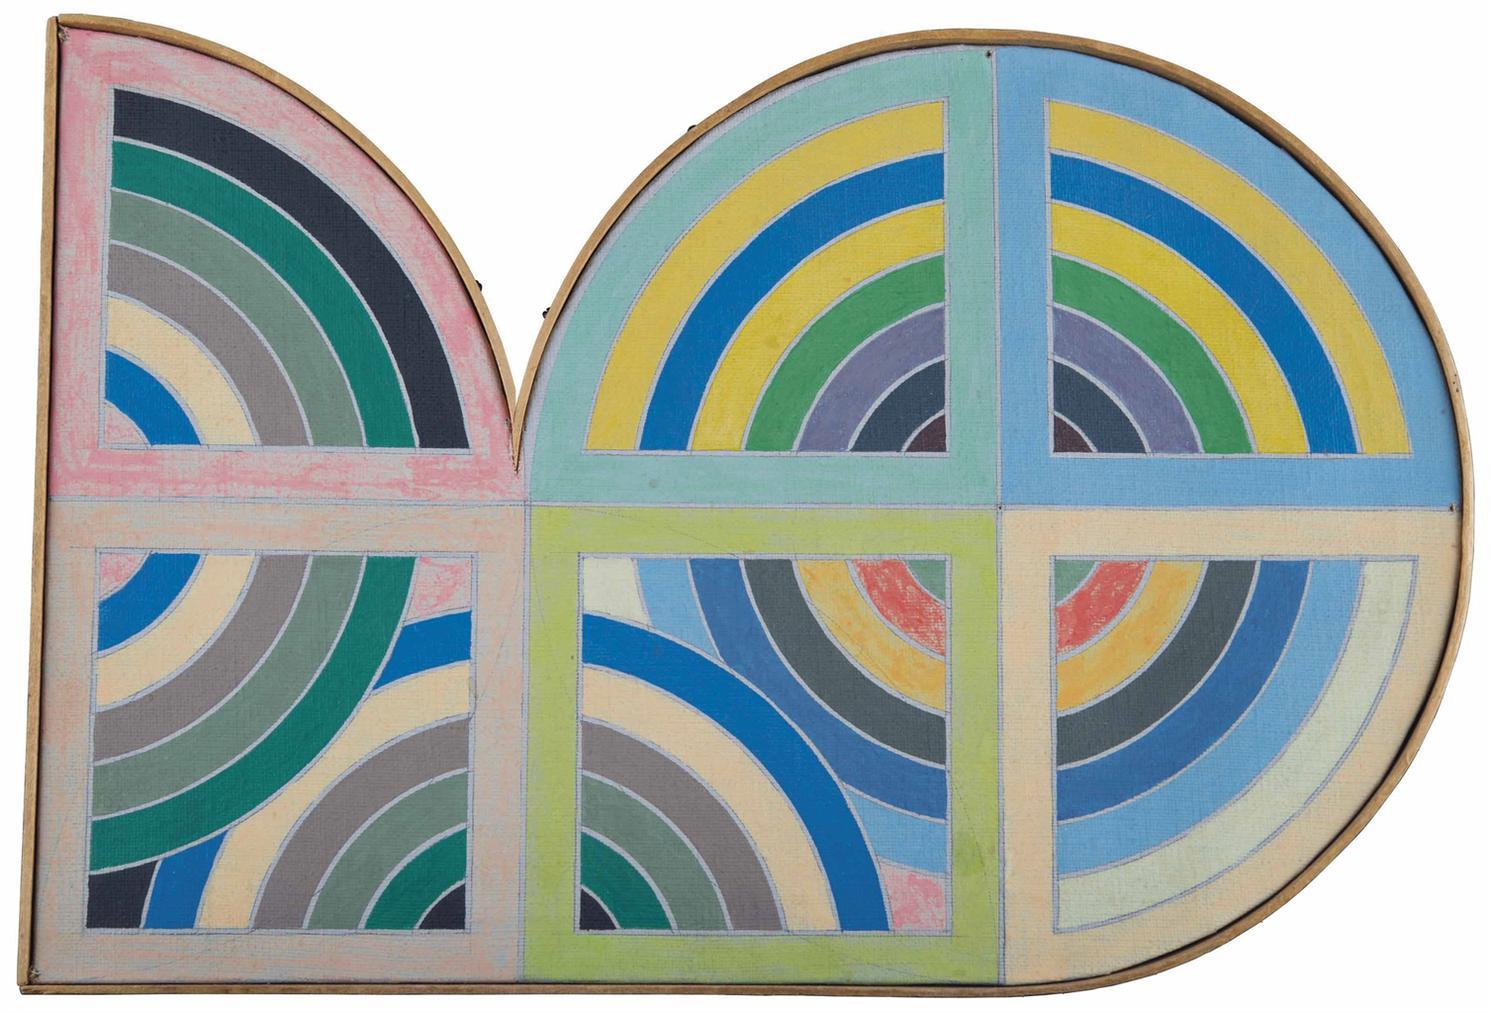 Richard Pettibone-Frank Stella, Gur II, 1967-1968